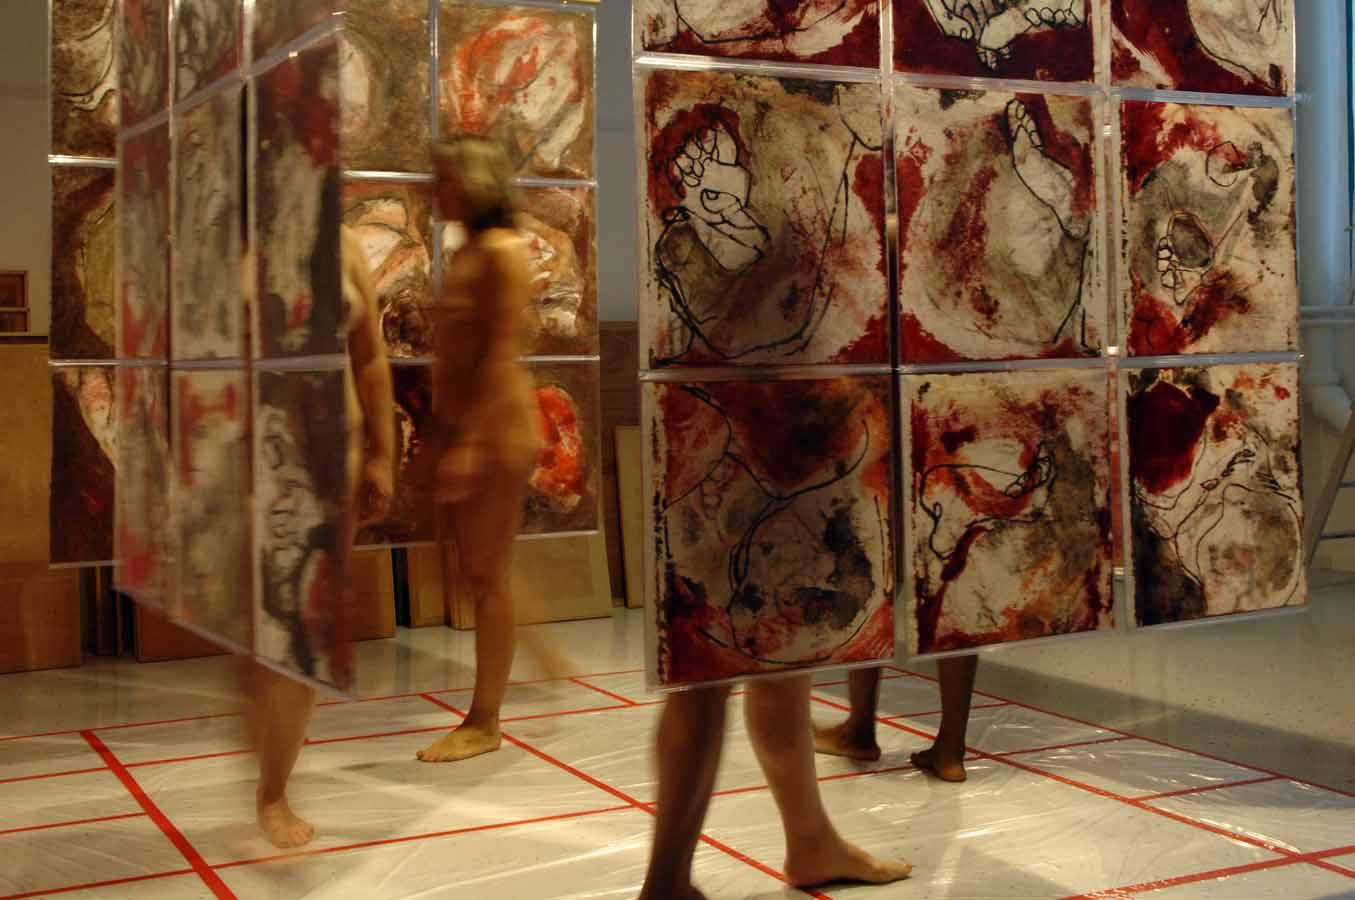 FEMINA CORPUS - (polyptyque en 36 tps) - 2005 - Pastel, acrylique et huile sur papier chinois mis sous PVC Crystal (extérieur) (160x160x160) - © Palombit - © Photo Claude Abron